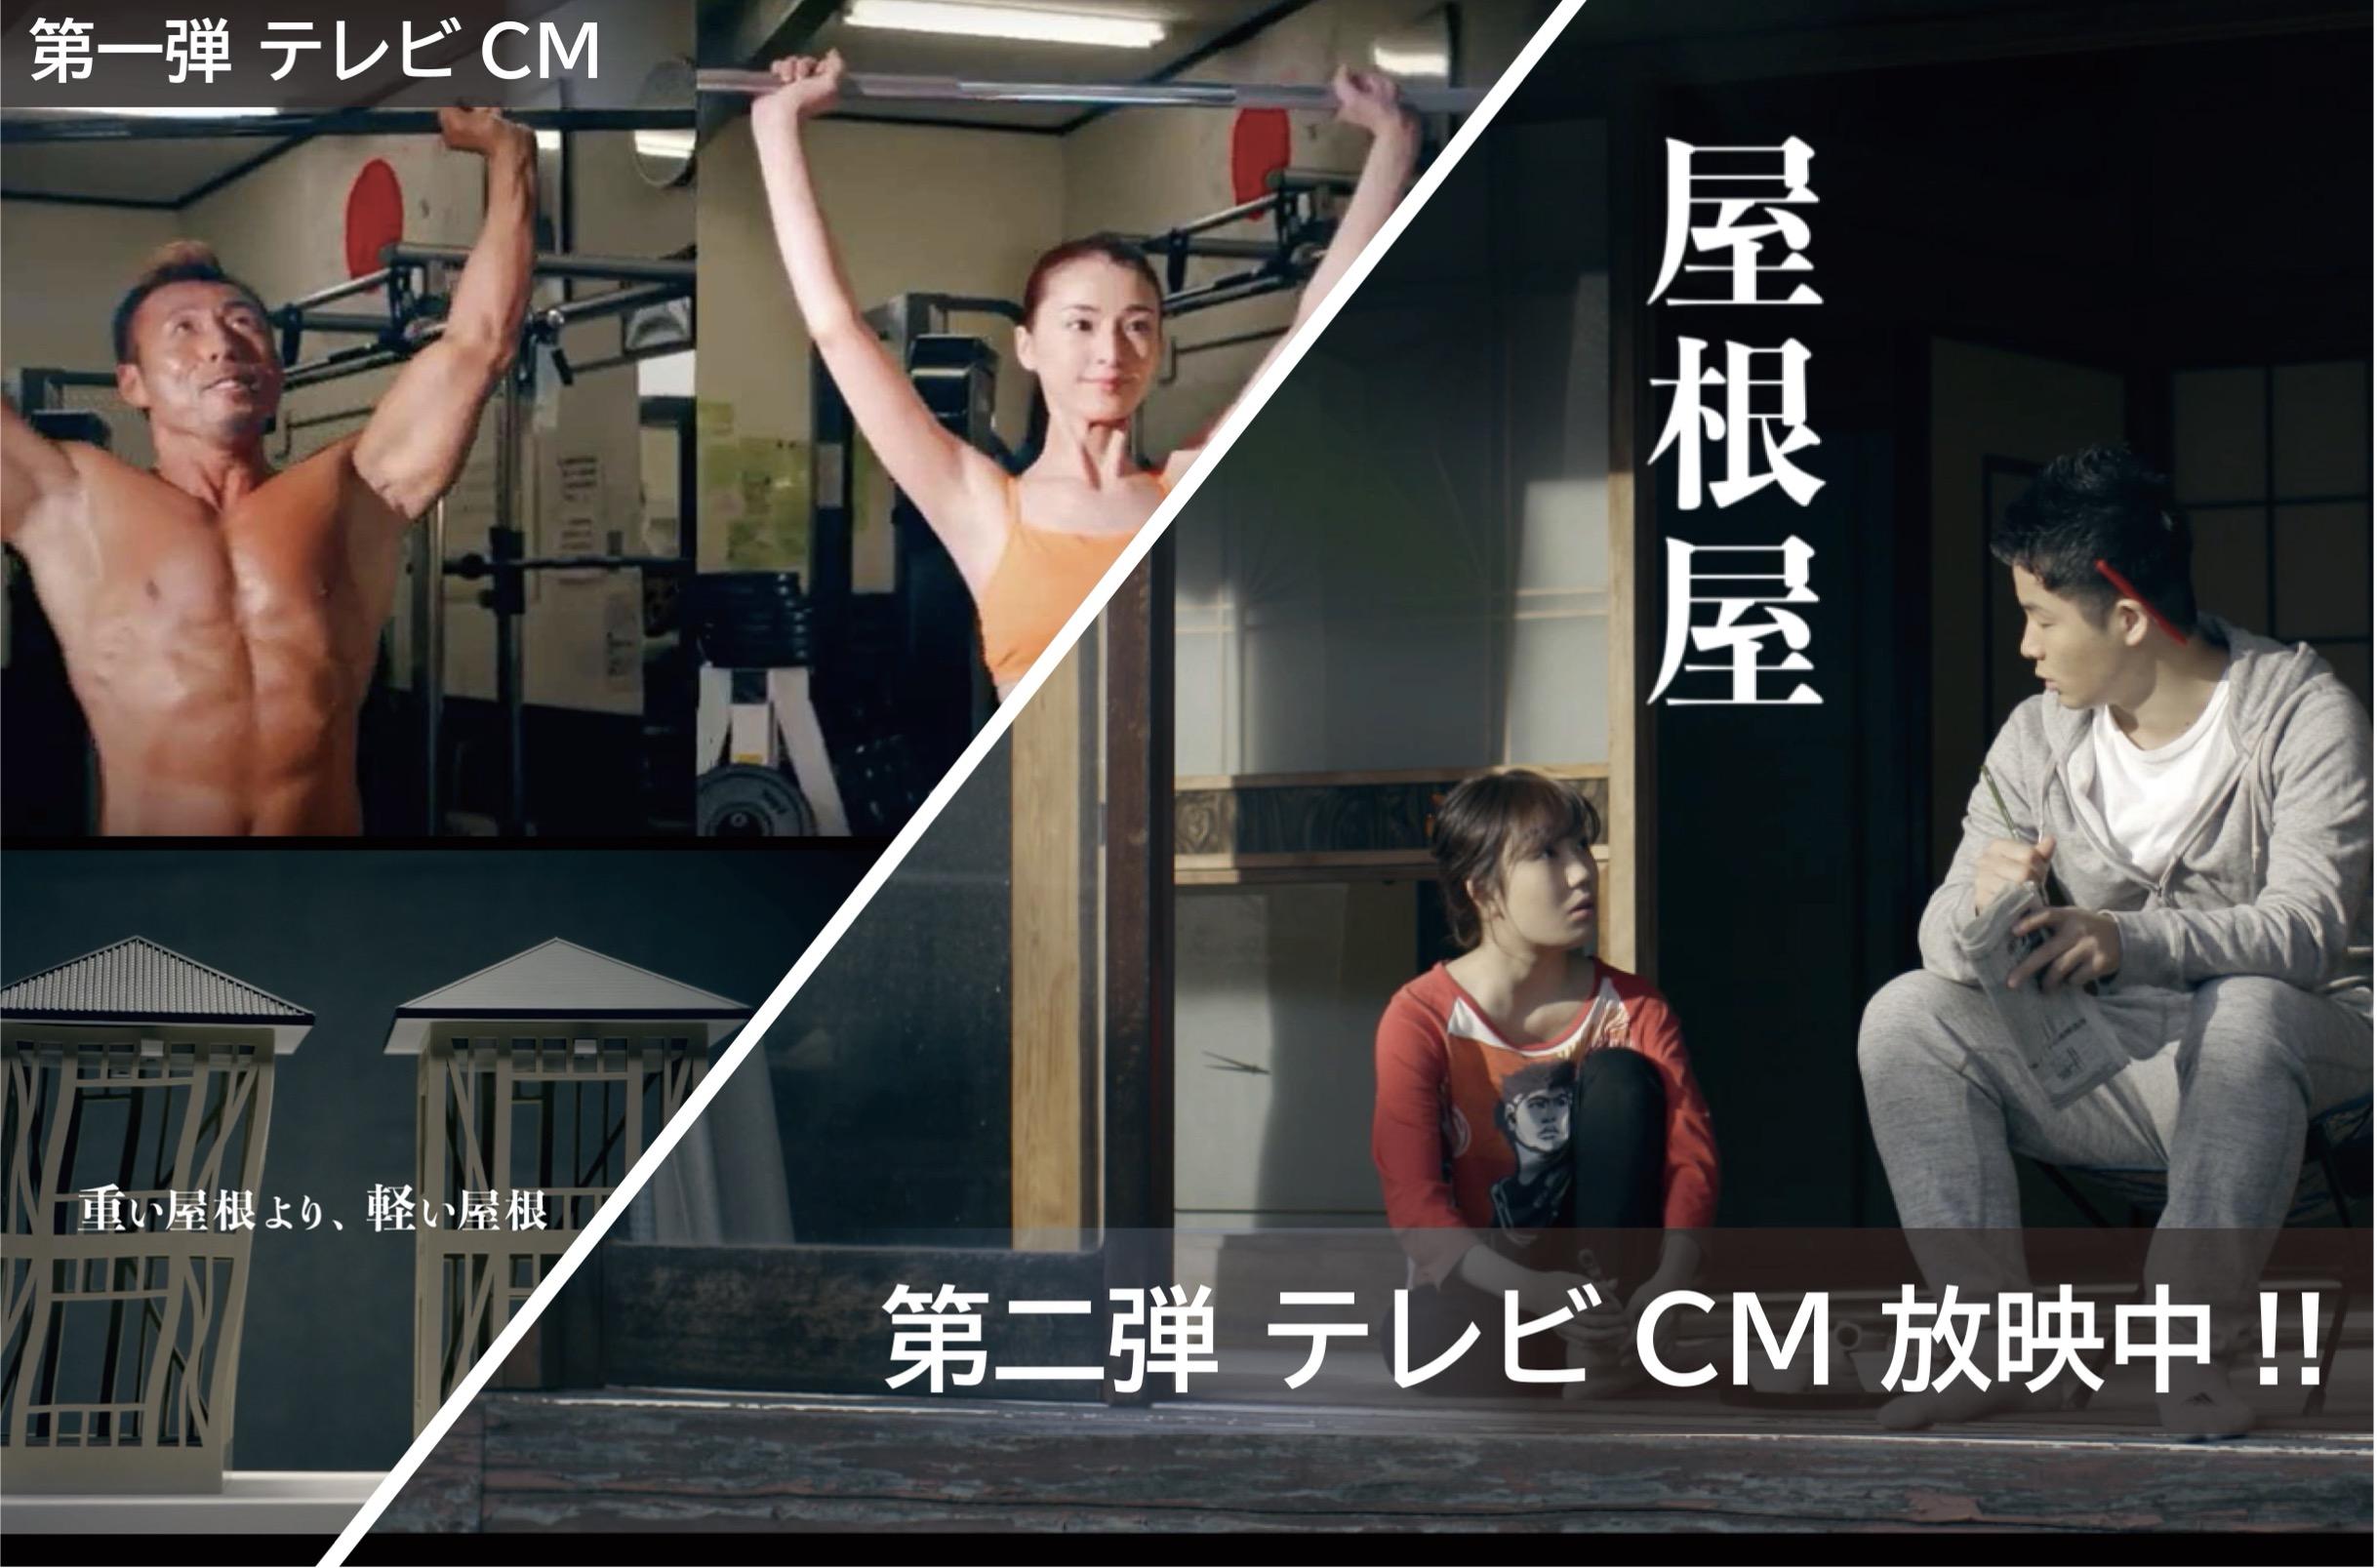 テレビCM第2弾の放送を開始しました!